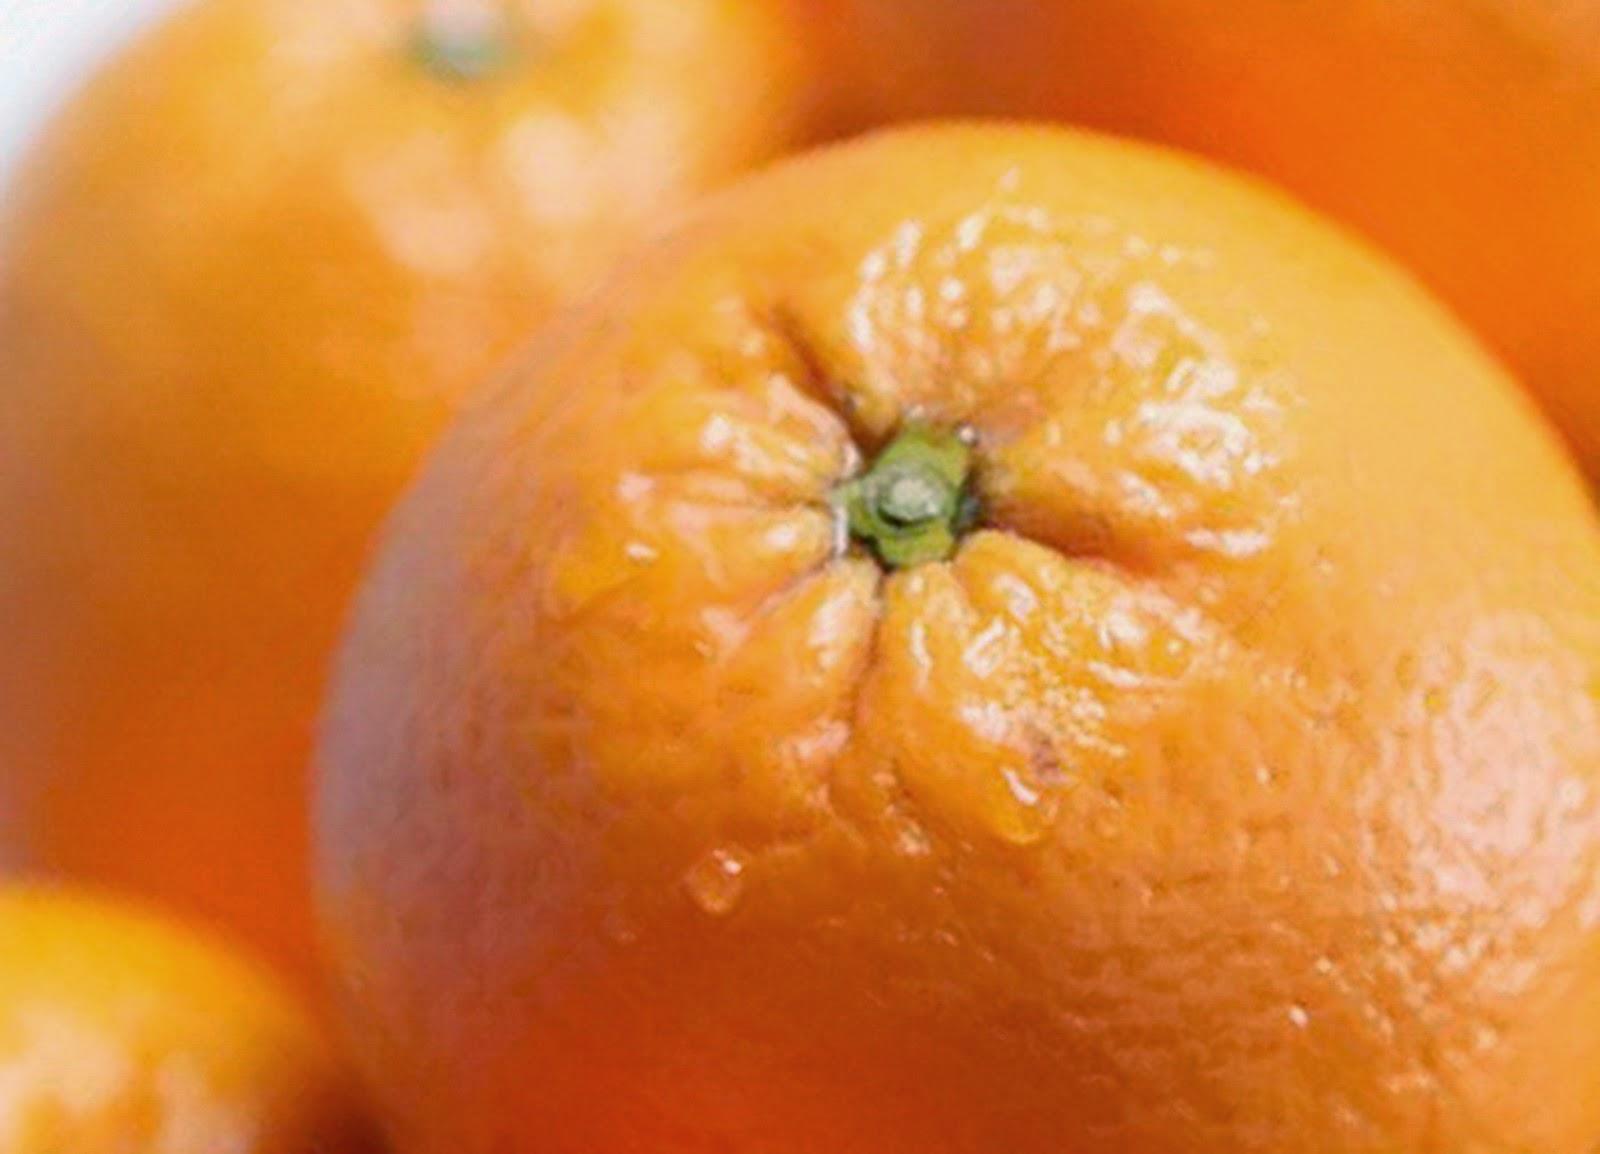 Jenis Makanan yang Berdampak Buruk bagi Kesehatan Gigi